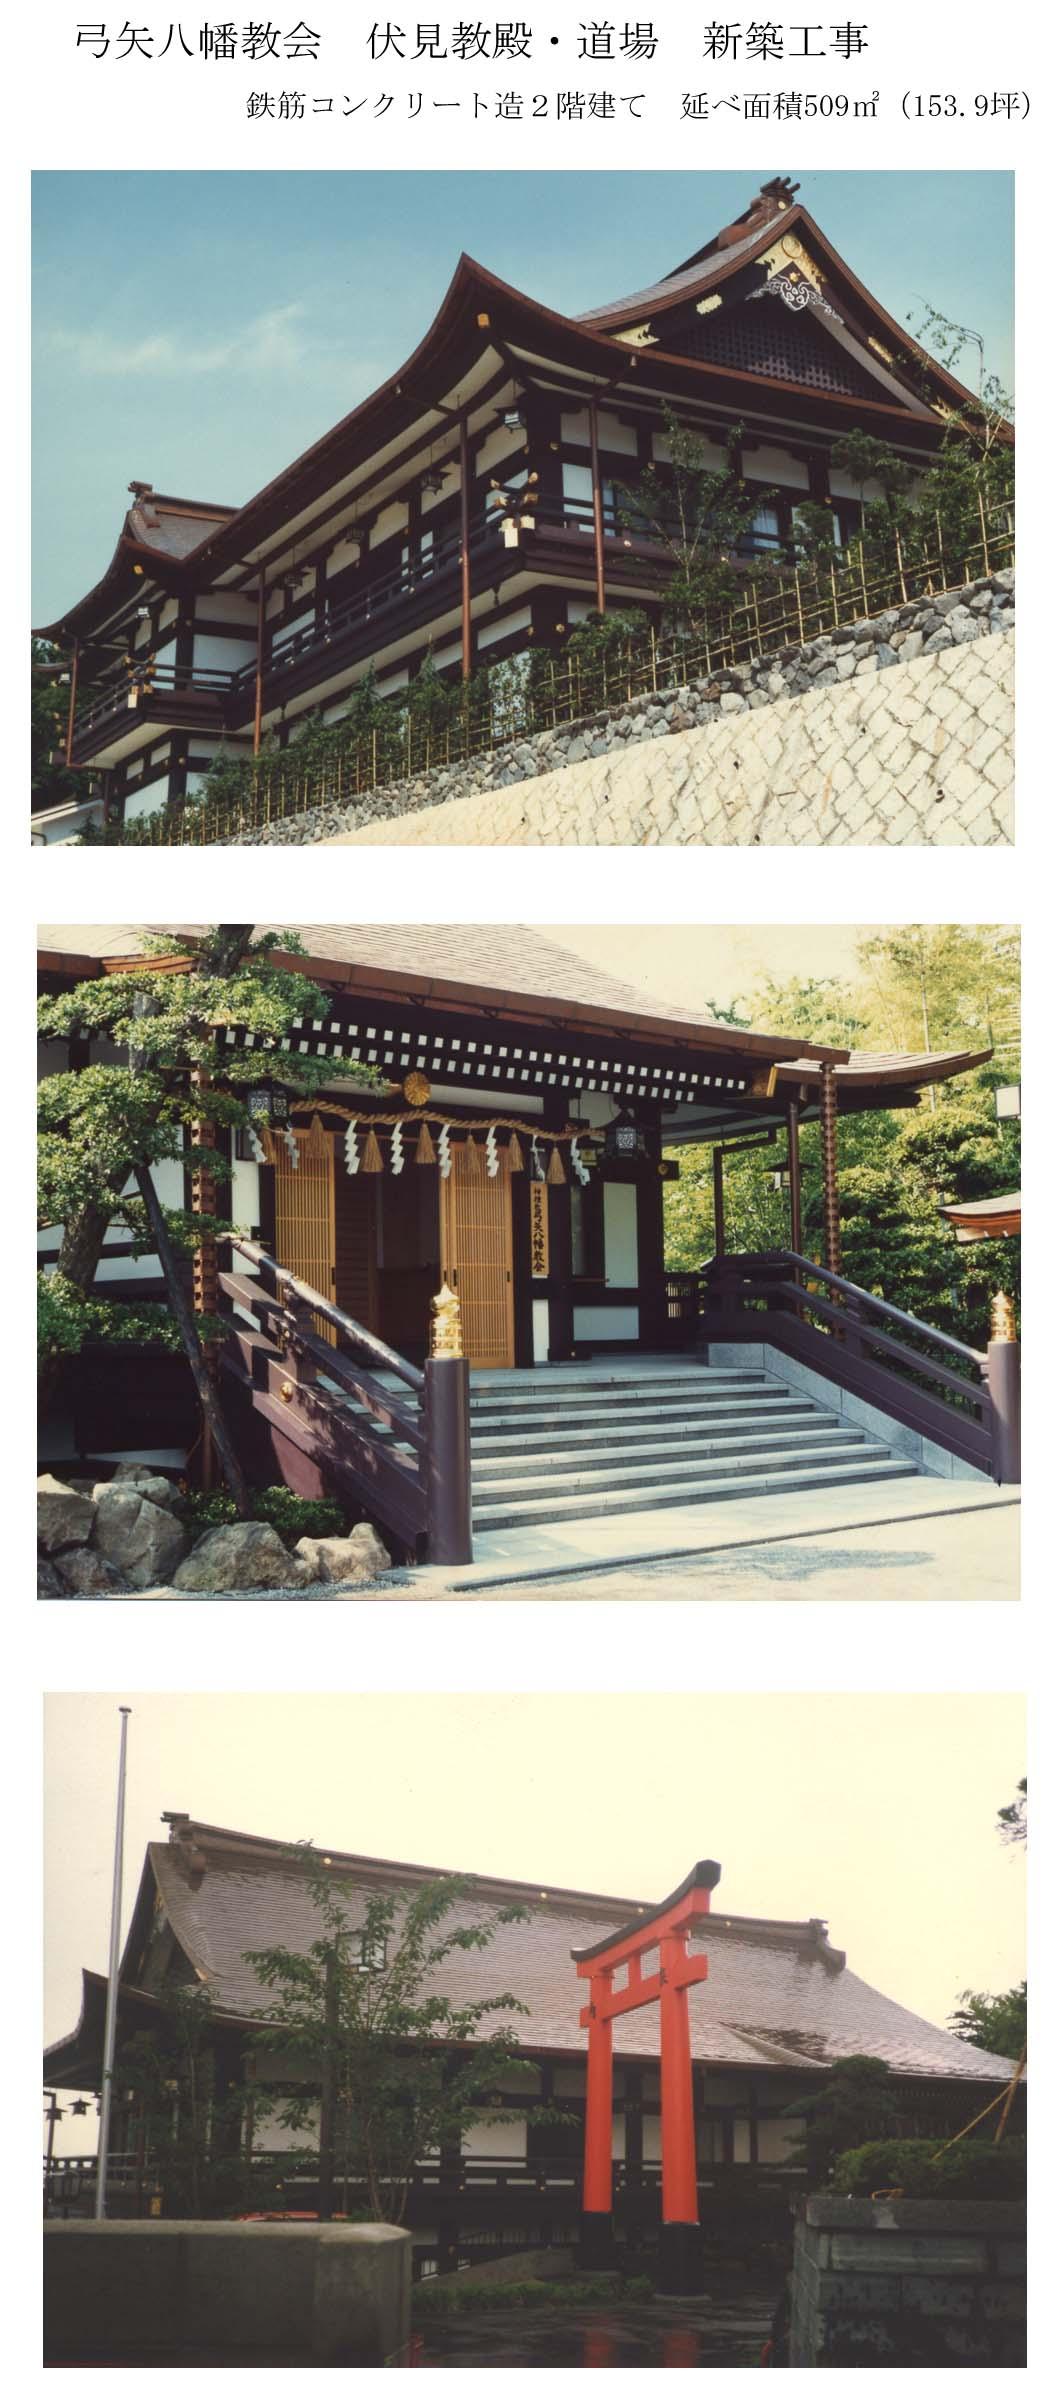 弓矢八幡教会外観1.JPG